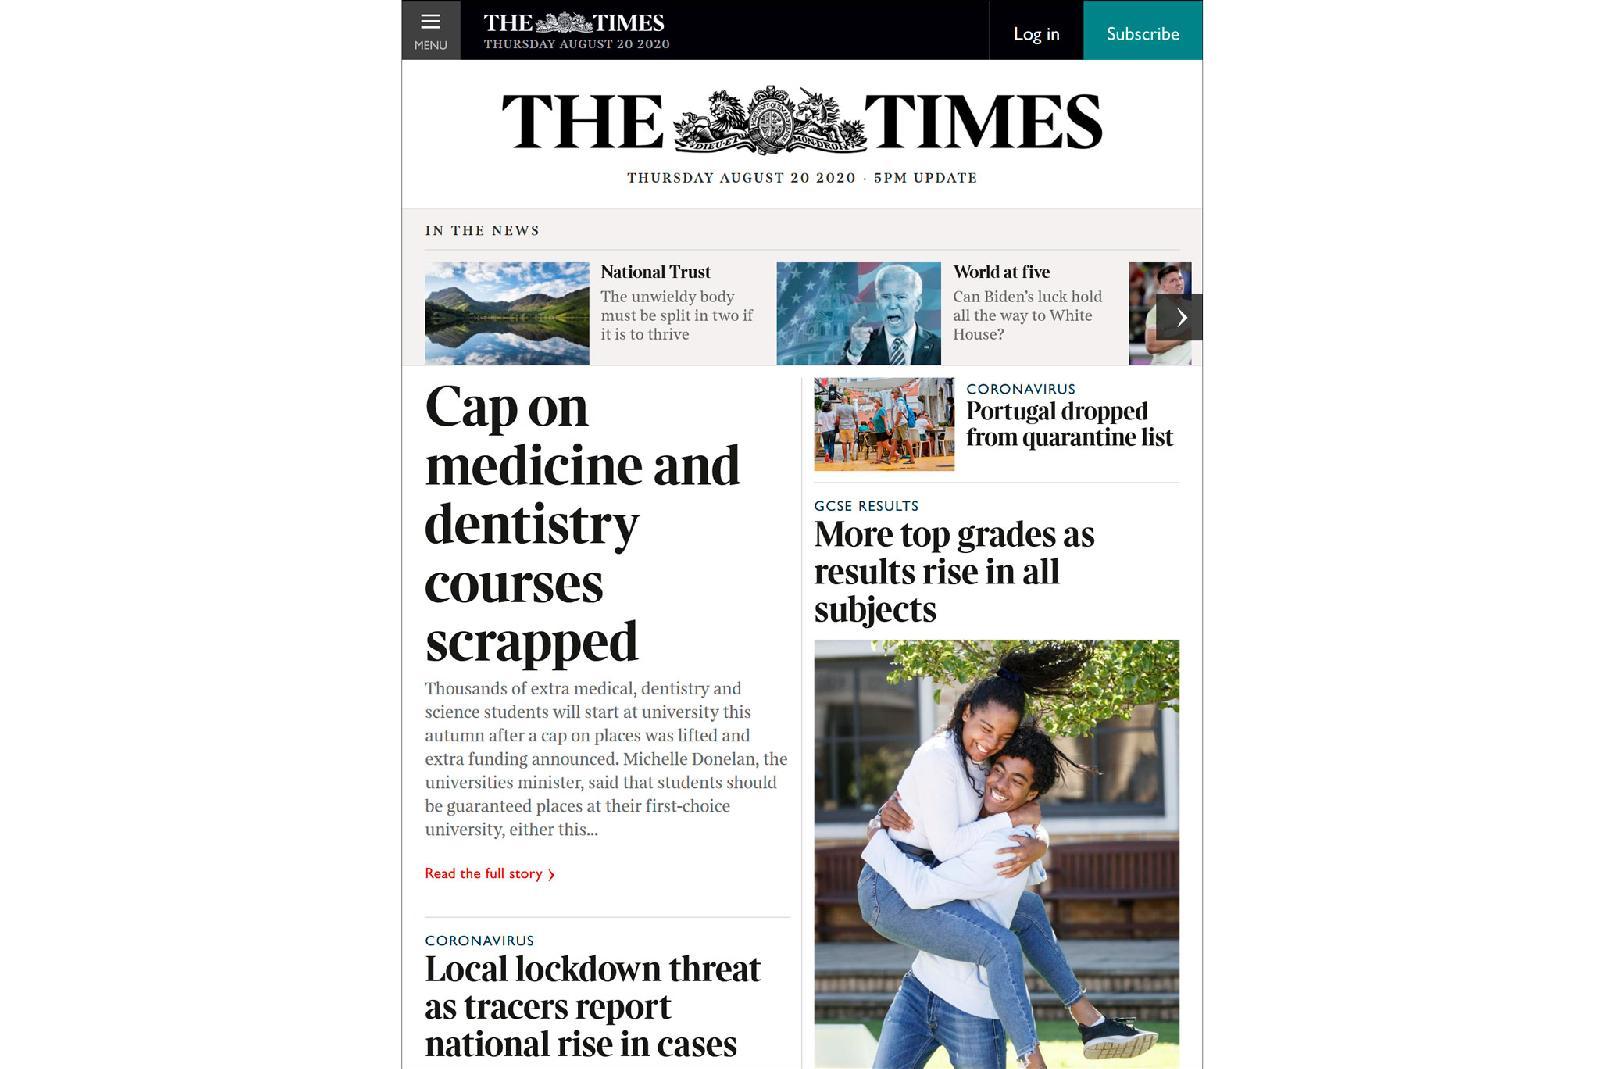 The Times сократила количество выпускаемого контента в онлайне на 10%, и количество просмотров увеличилось на 20% (25,34 млн просмотров в июле)